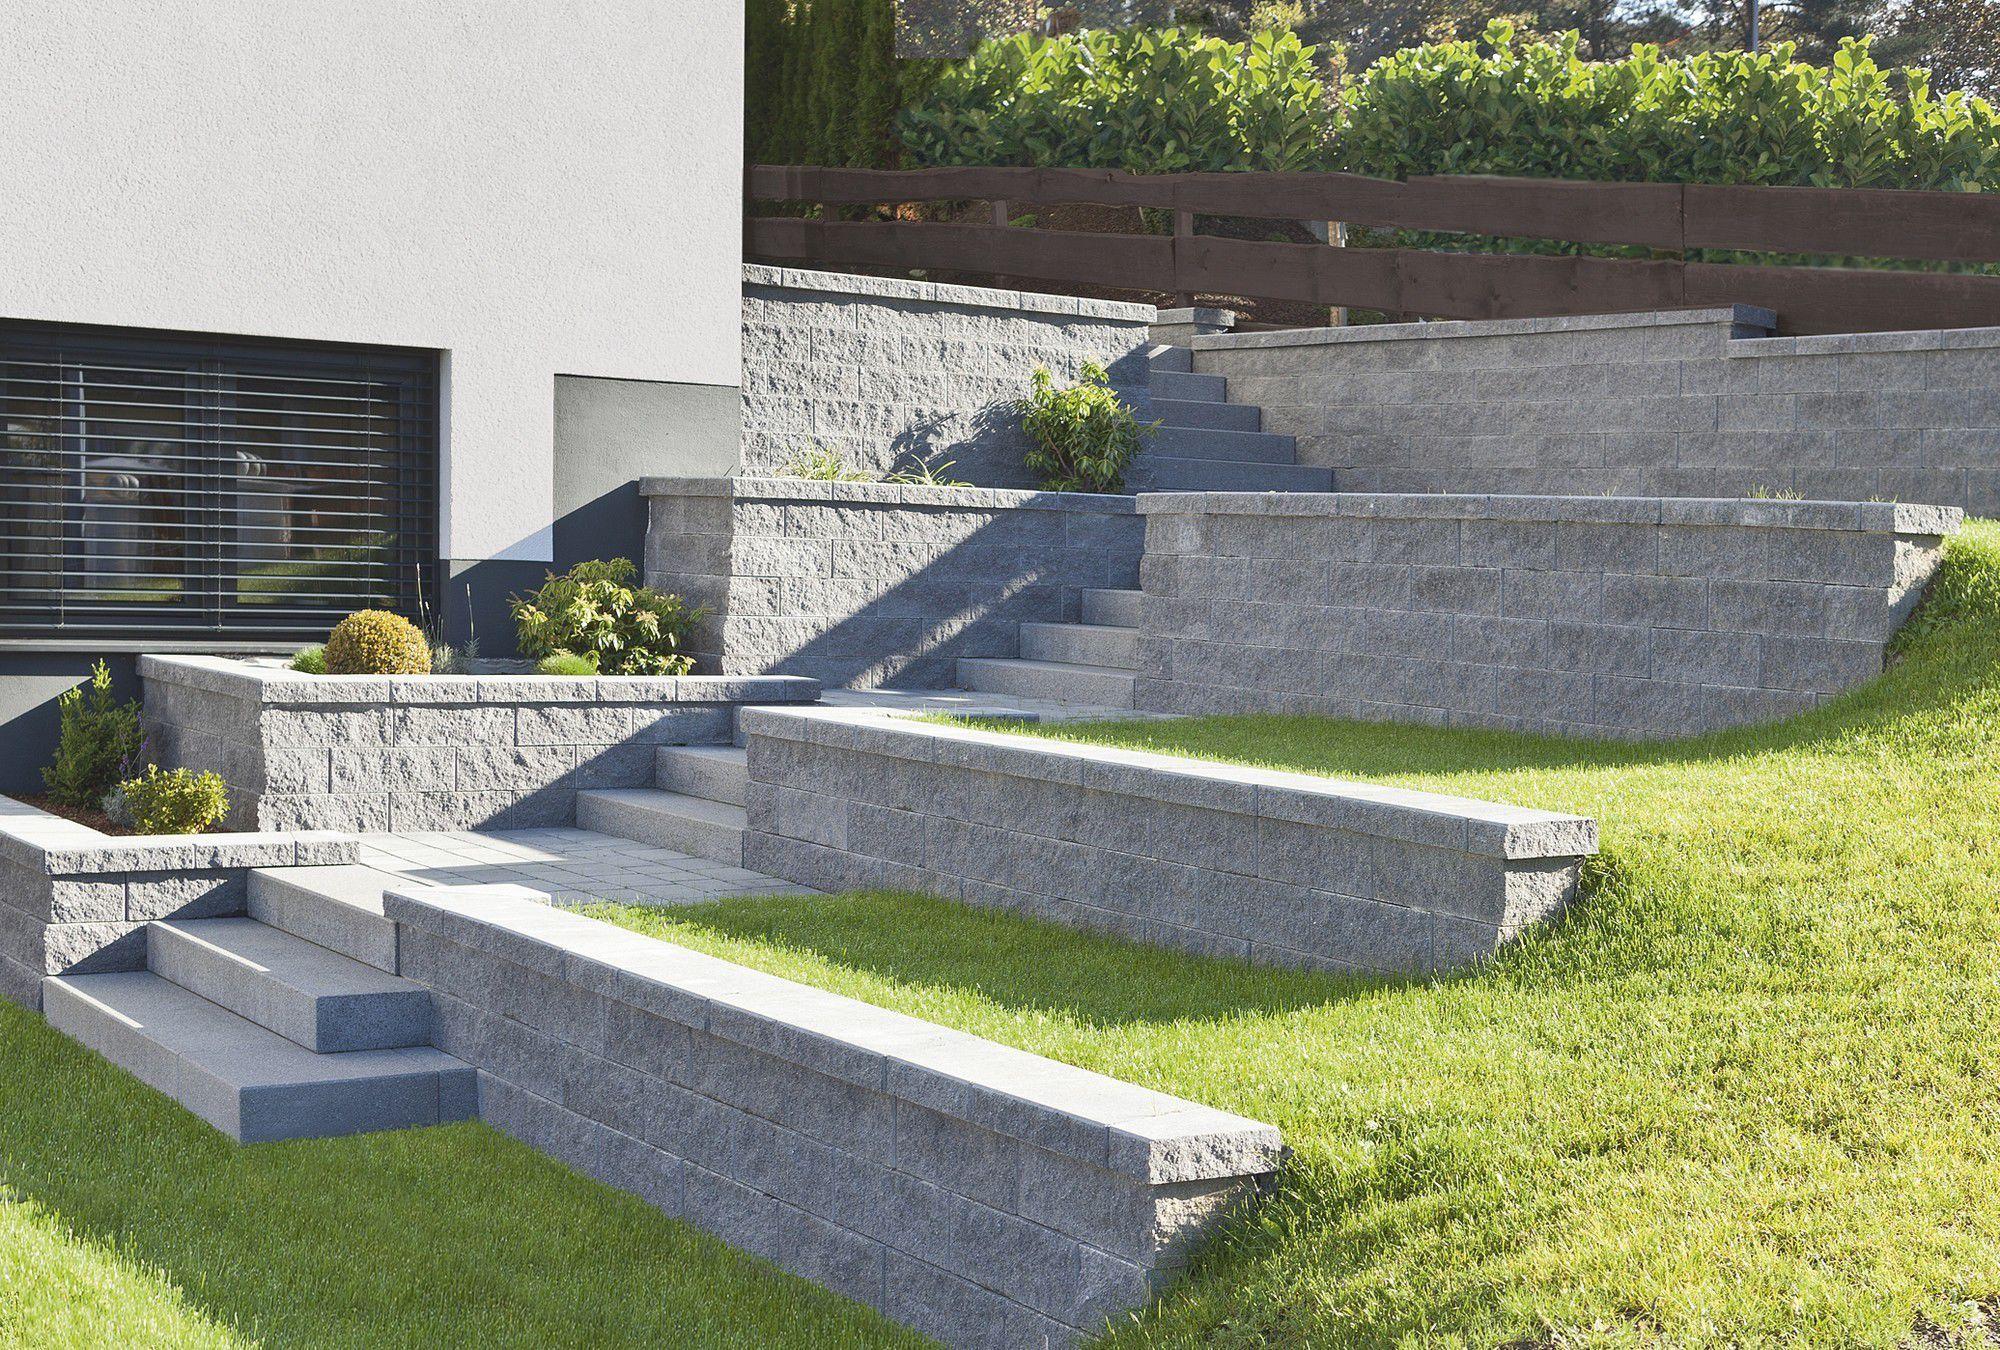 Charmant ... Mur De Soutènement En Pierre / Modulaire / Pour Clôture De Jardin